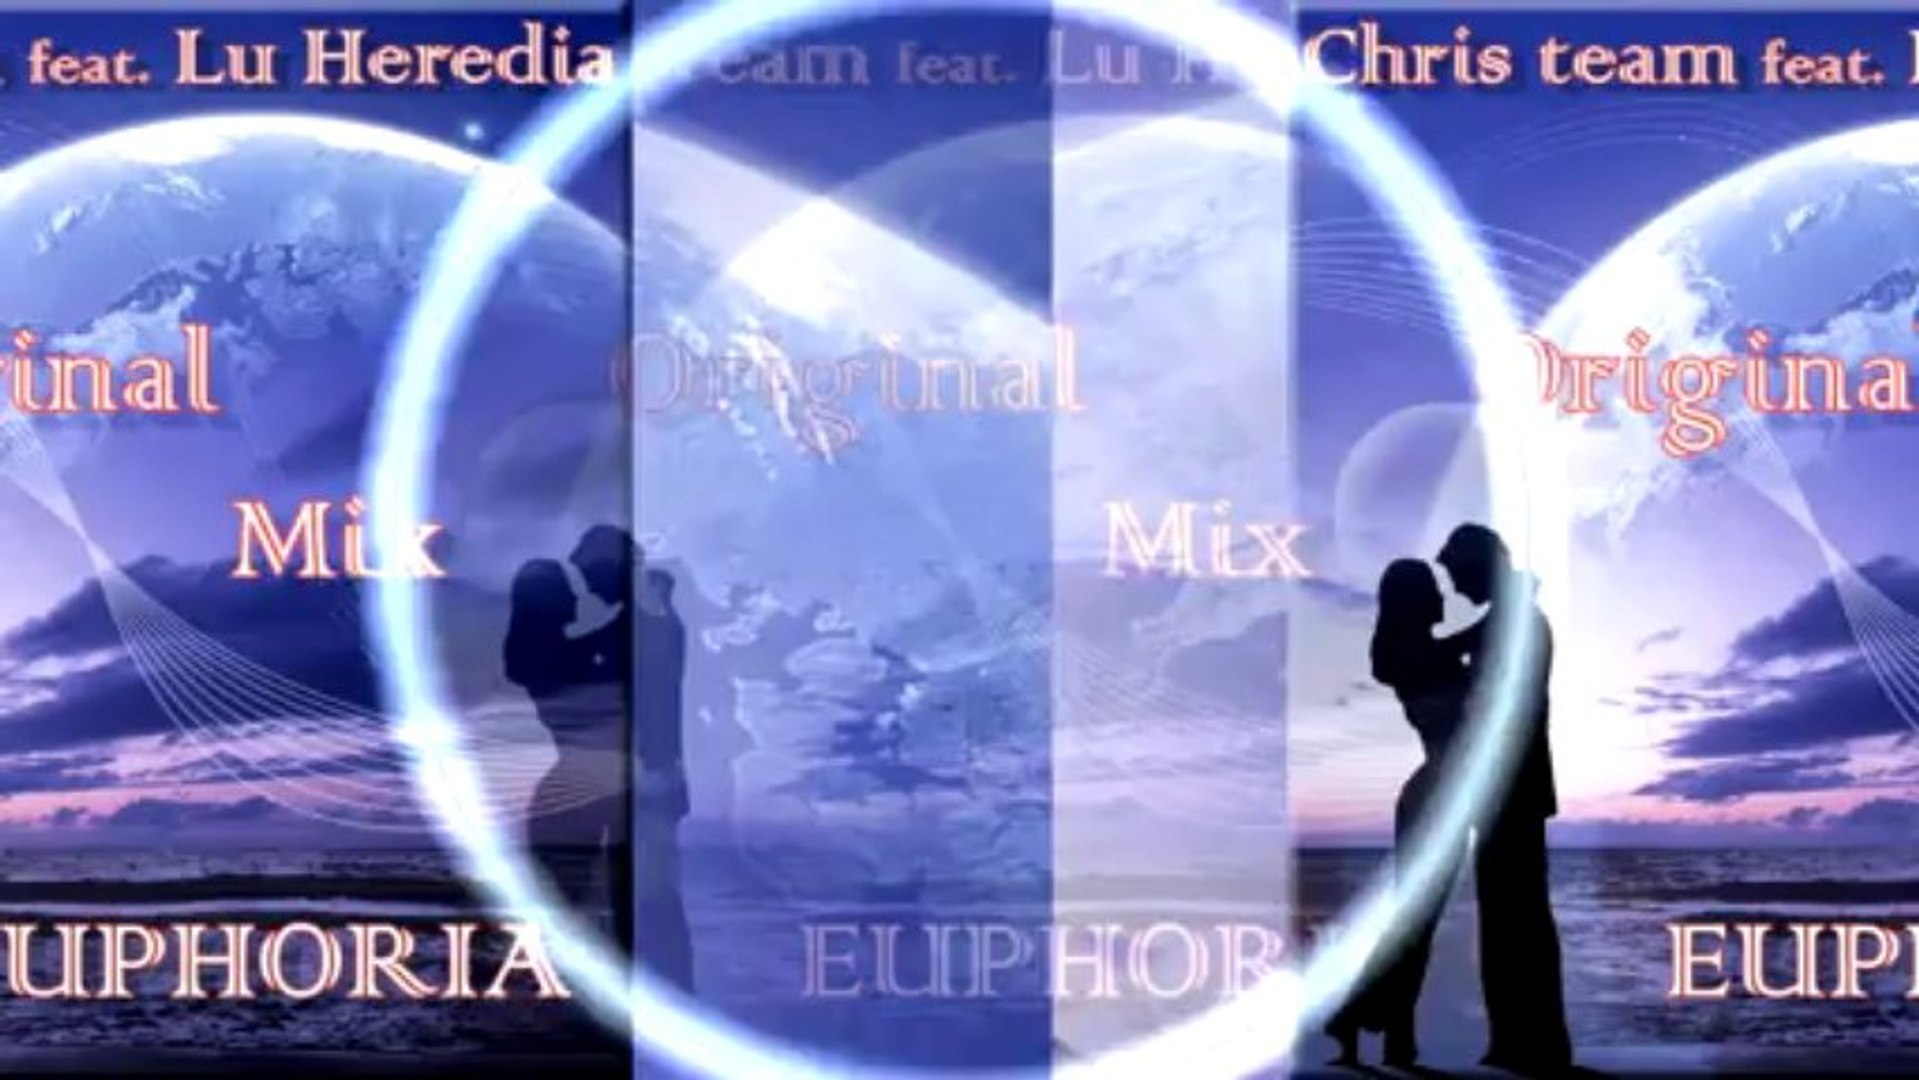 Chris Team Feat. Lu Heredia - Euphoria Tribute to Loreen